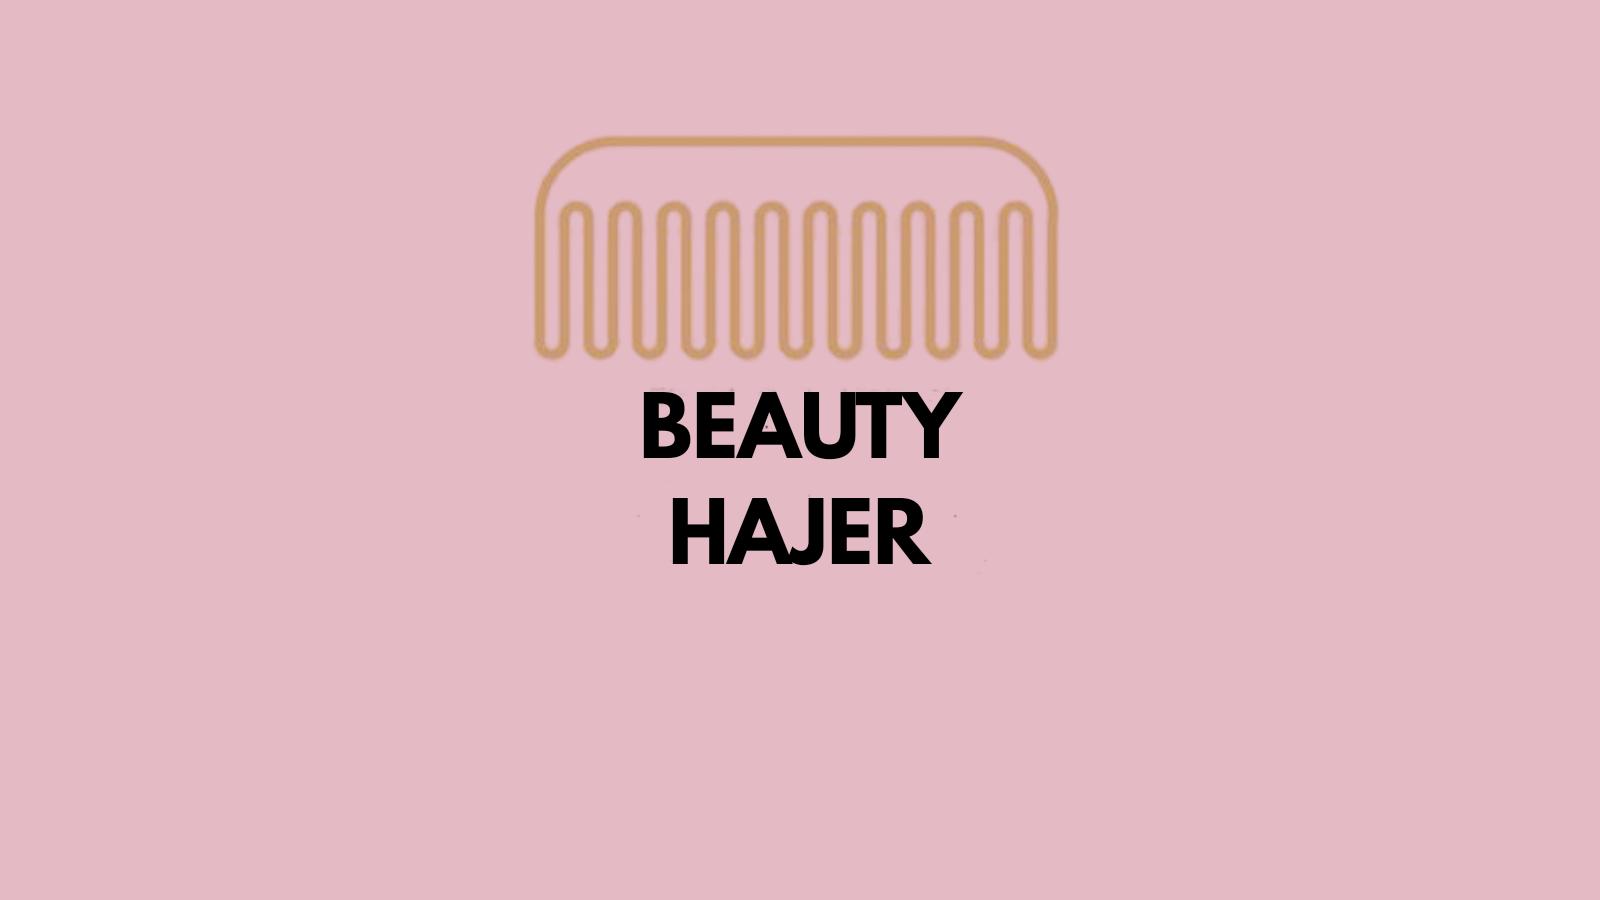 beauty hajer/ph